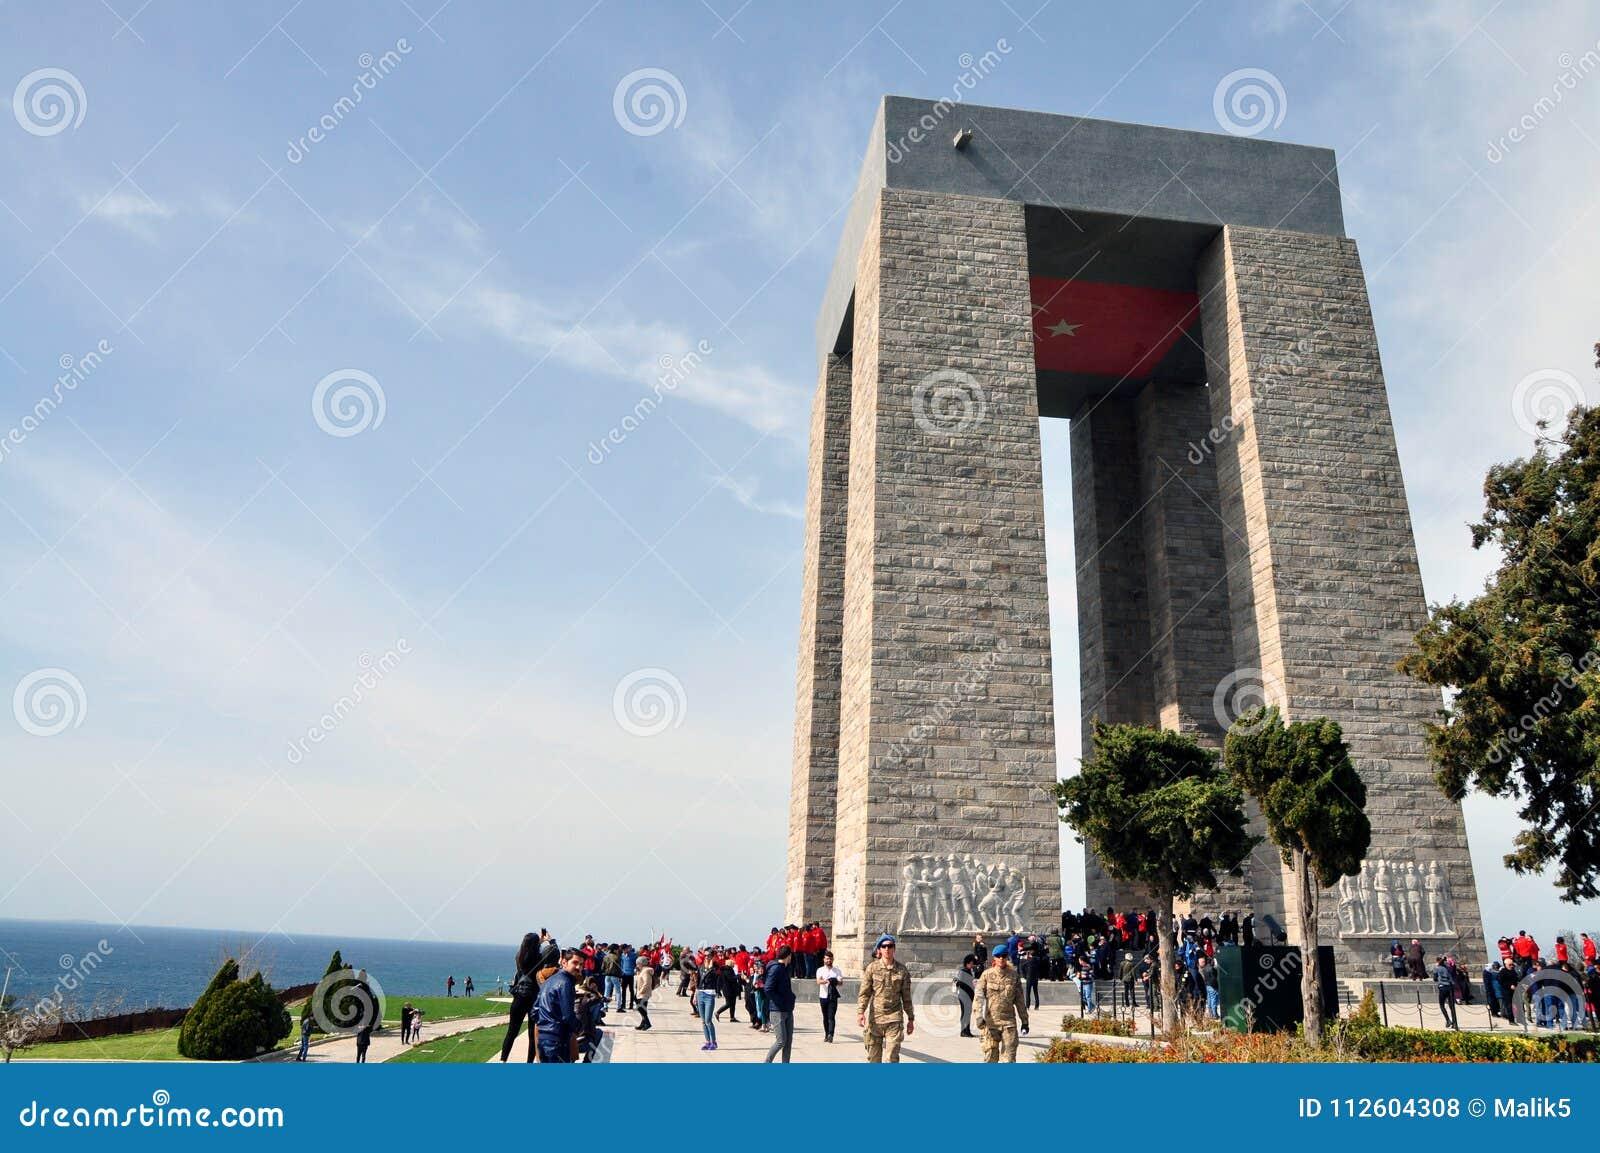 Canakkale Martyrs le mémorial